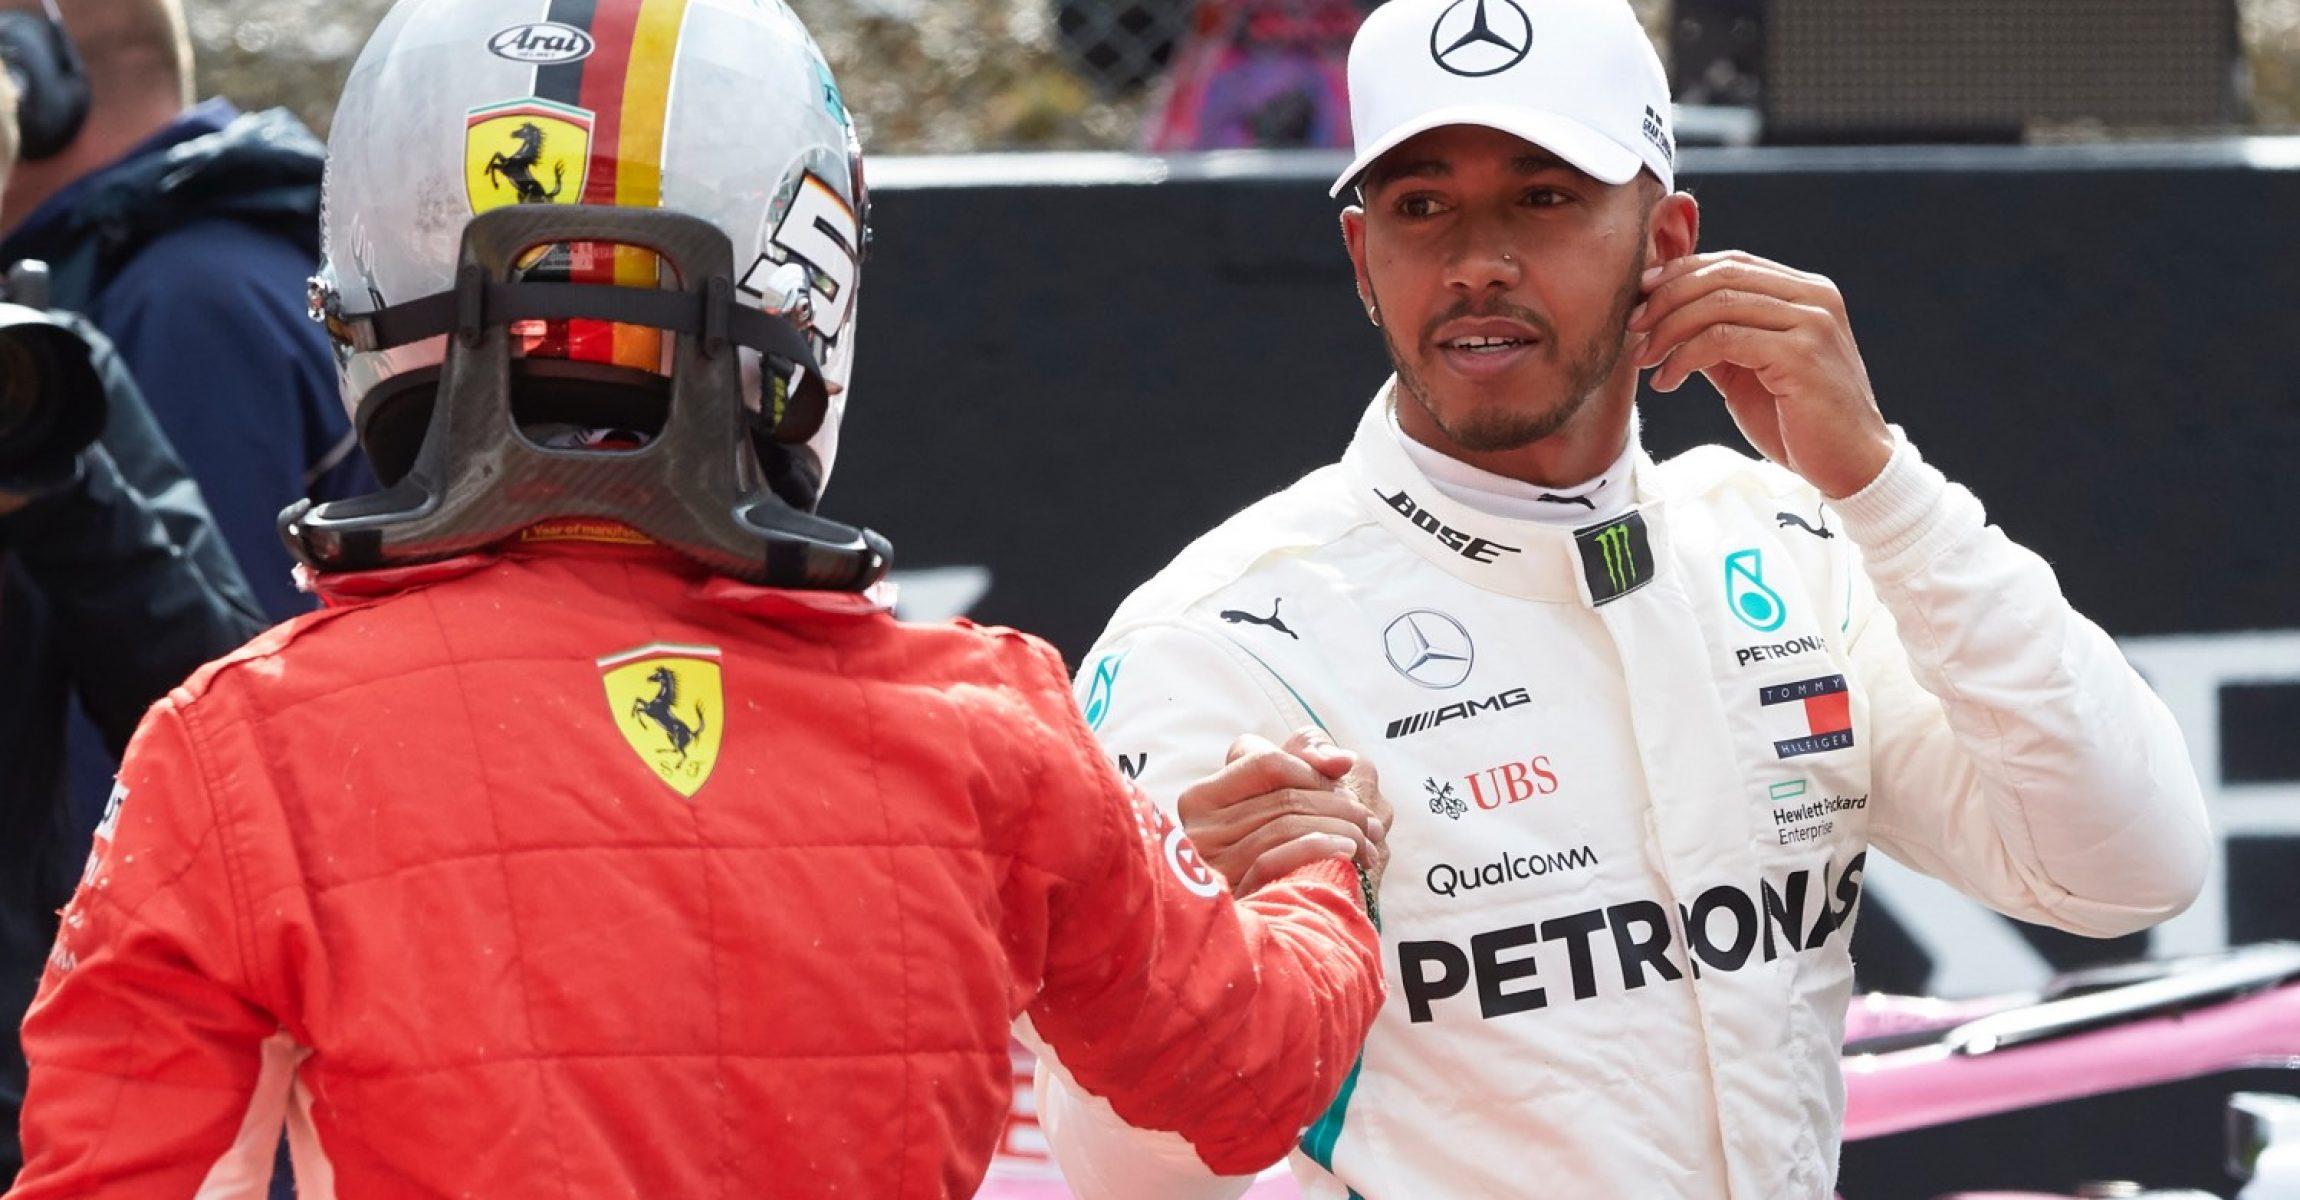 2018 Großer Preis von Belgien, Samstag - Steve Etherington Sebastian Vettel Lewis Hamilton Mercedes